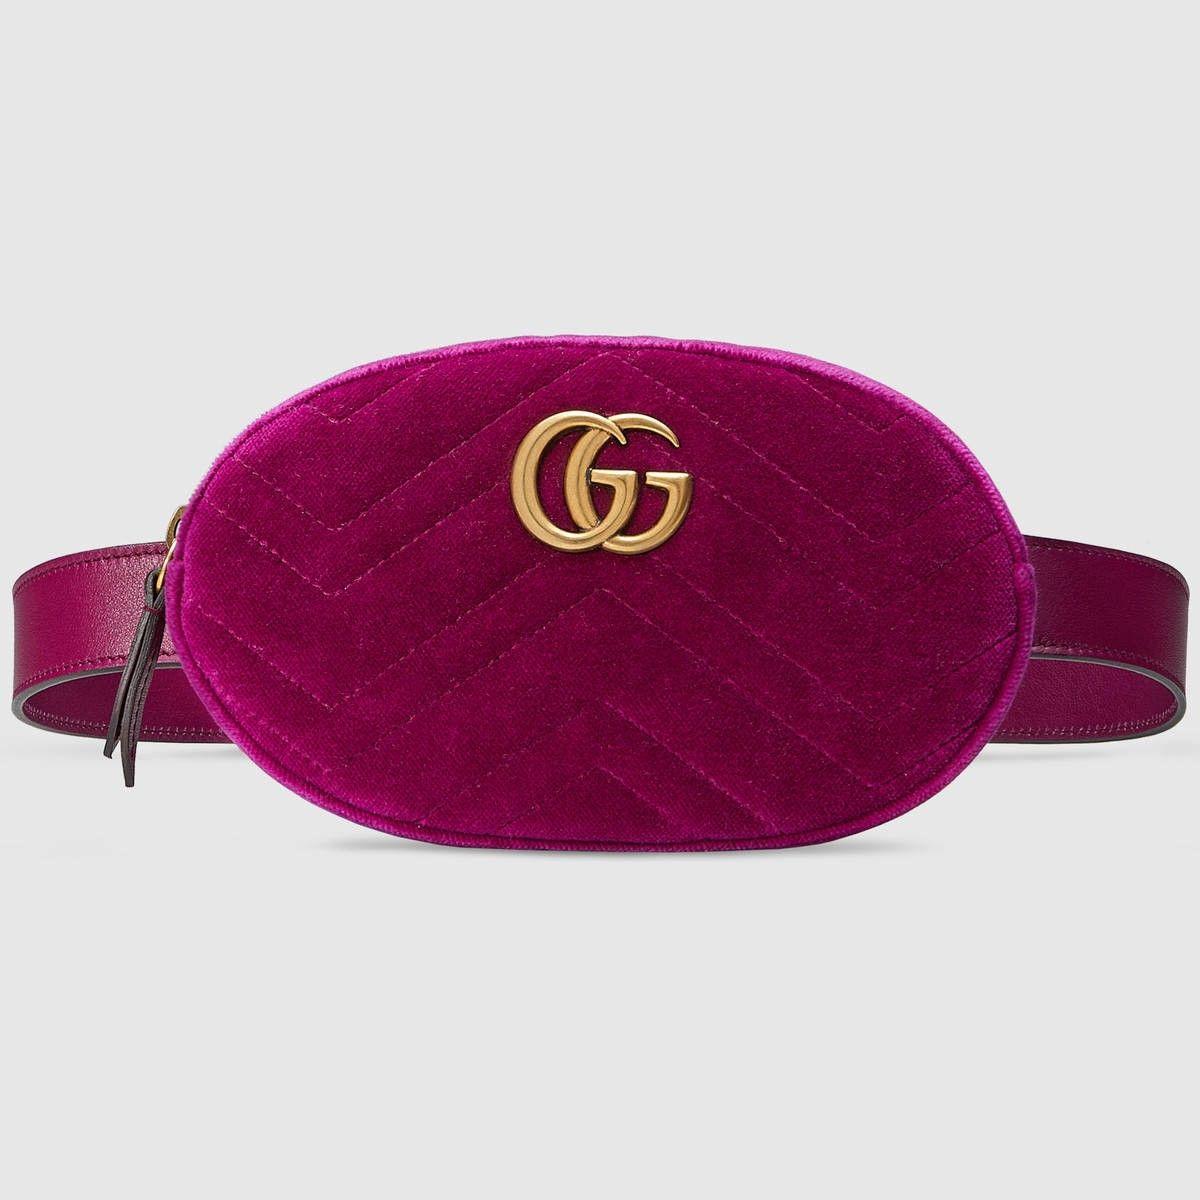 45c1ae48427d GUCCI GG Marmont matelassé velvet belt bag - fuchsia velvet. #gucci #bags  #leather #belt bags #silk #velvet #lining #